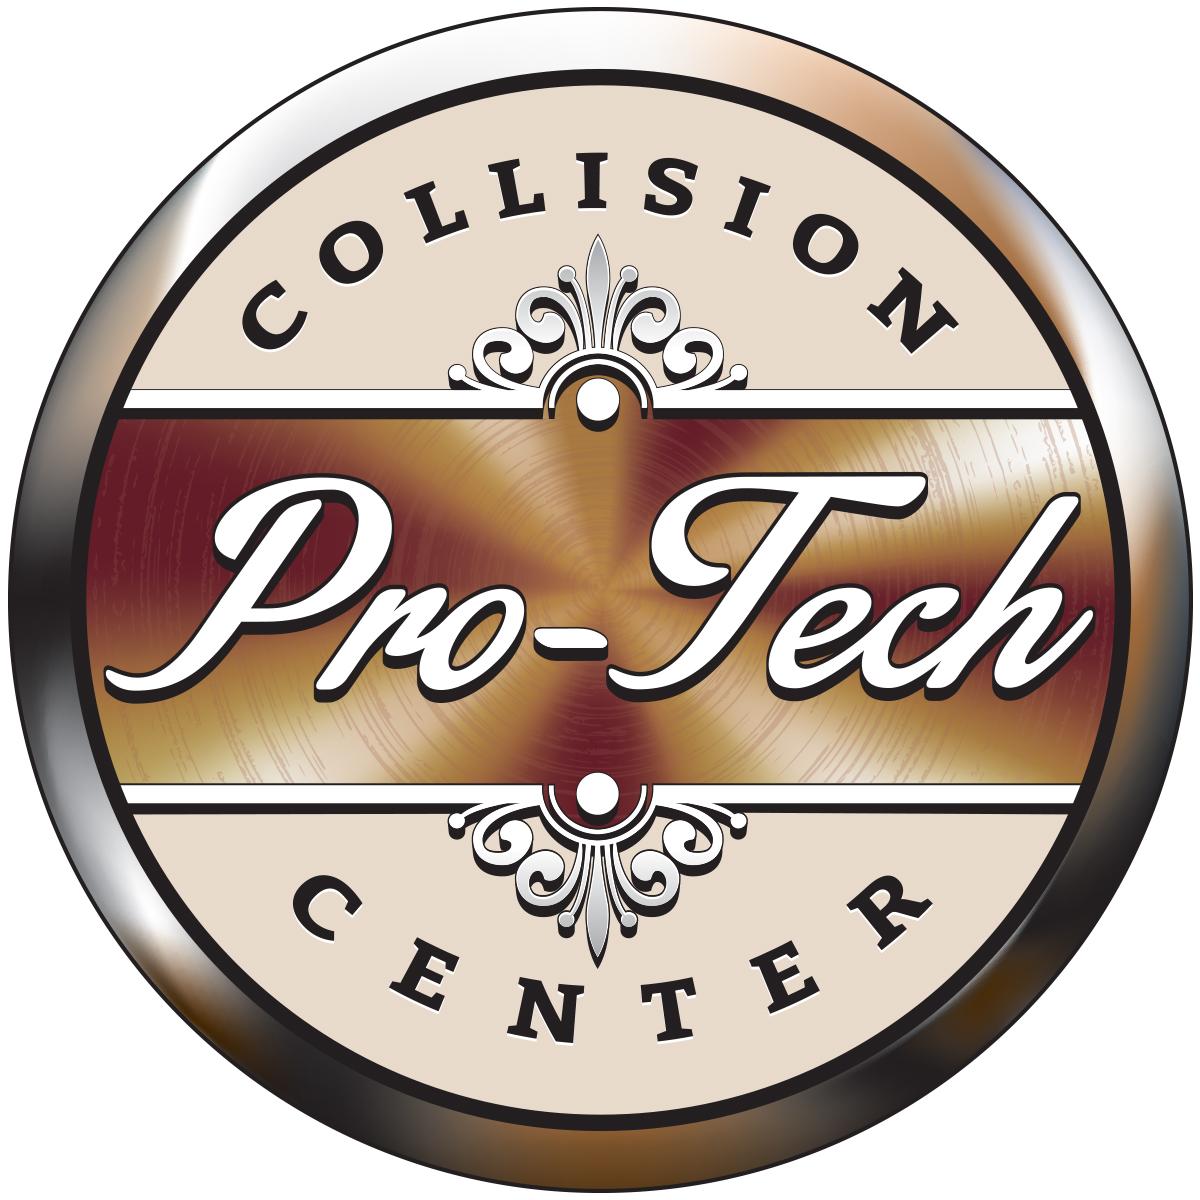 Logo_Pro-Tech Collision Center 001.jpg